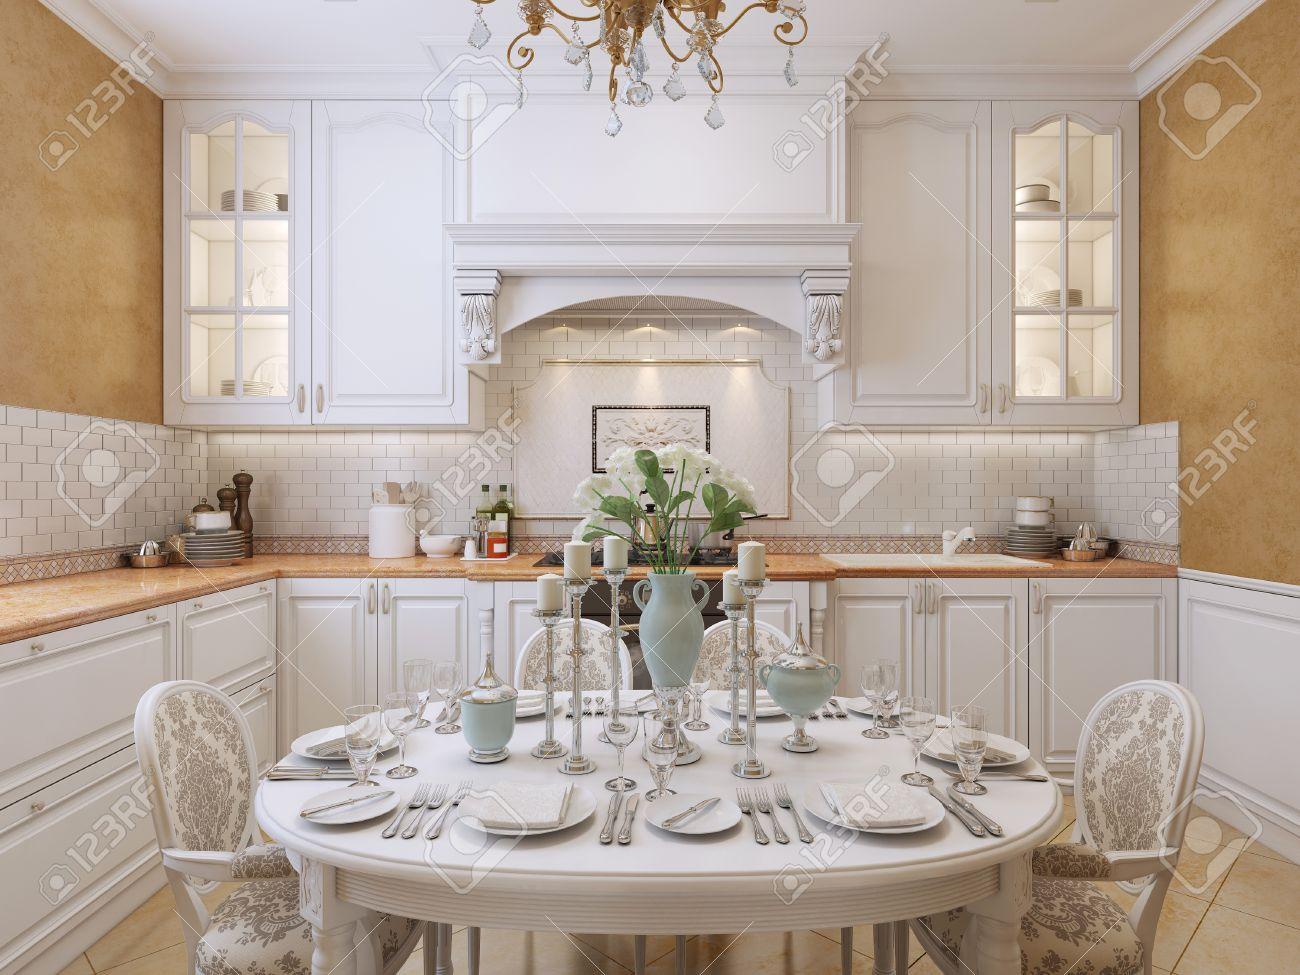 Diseño De La Cocina De Lujo En Estilo Clásico. Con Muebles Blancos Y ...